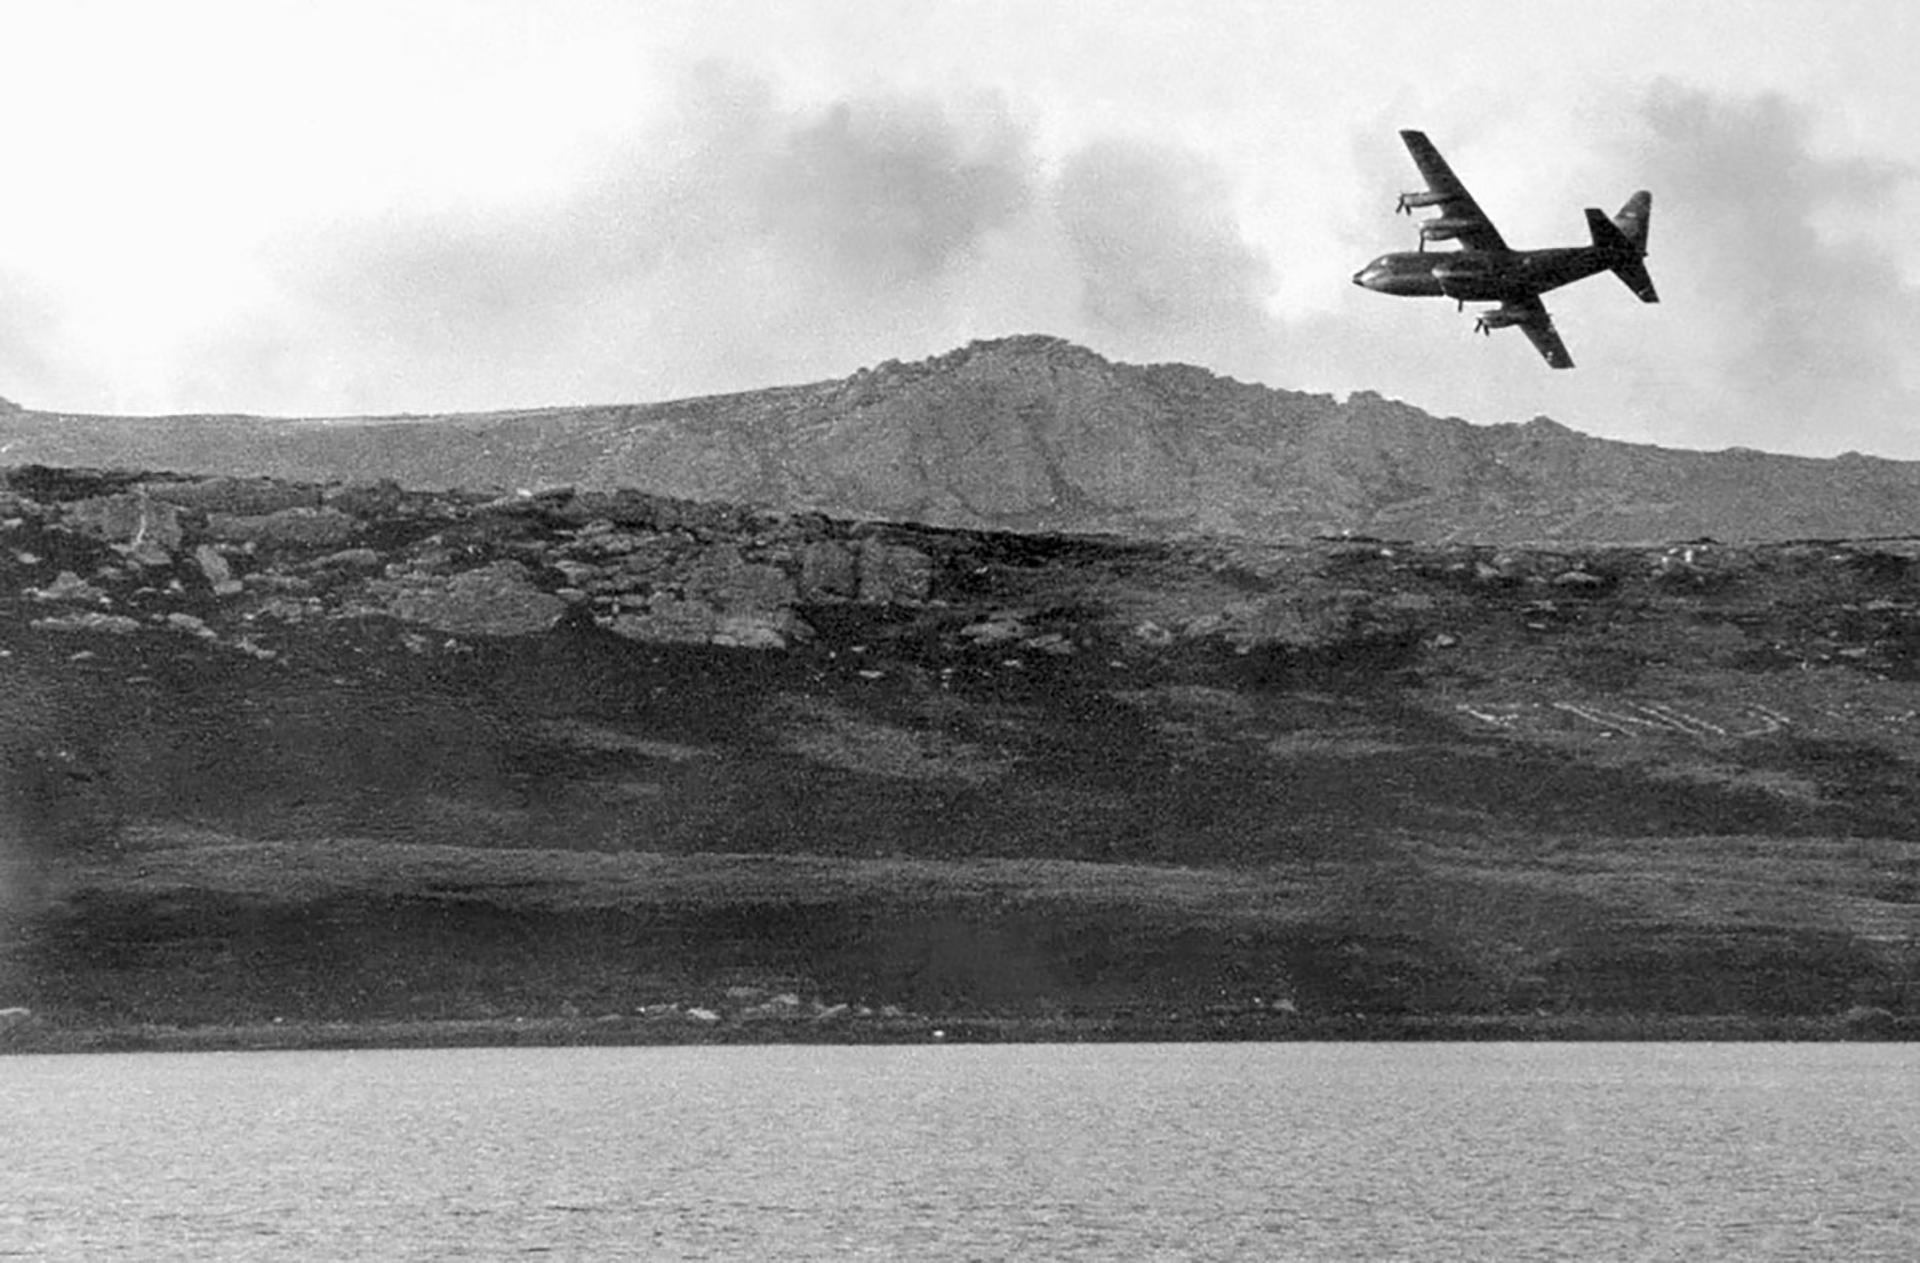 Un Hércules sobre Malvinas. Realizaba el puente aéreo entre las islas y el continente llevando tropas y provisiones